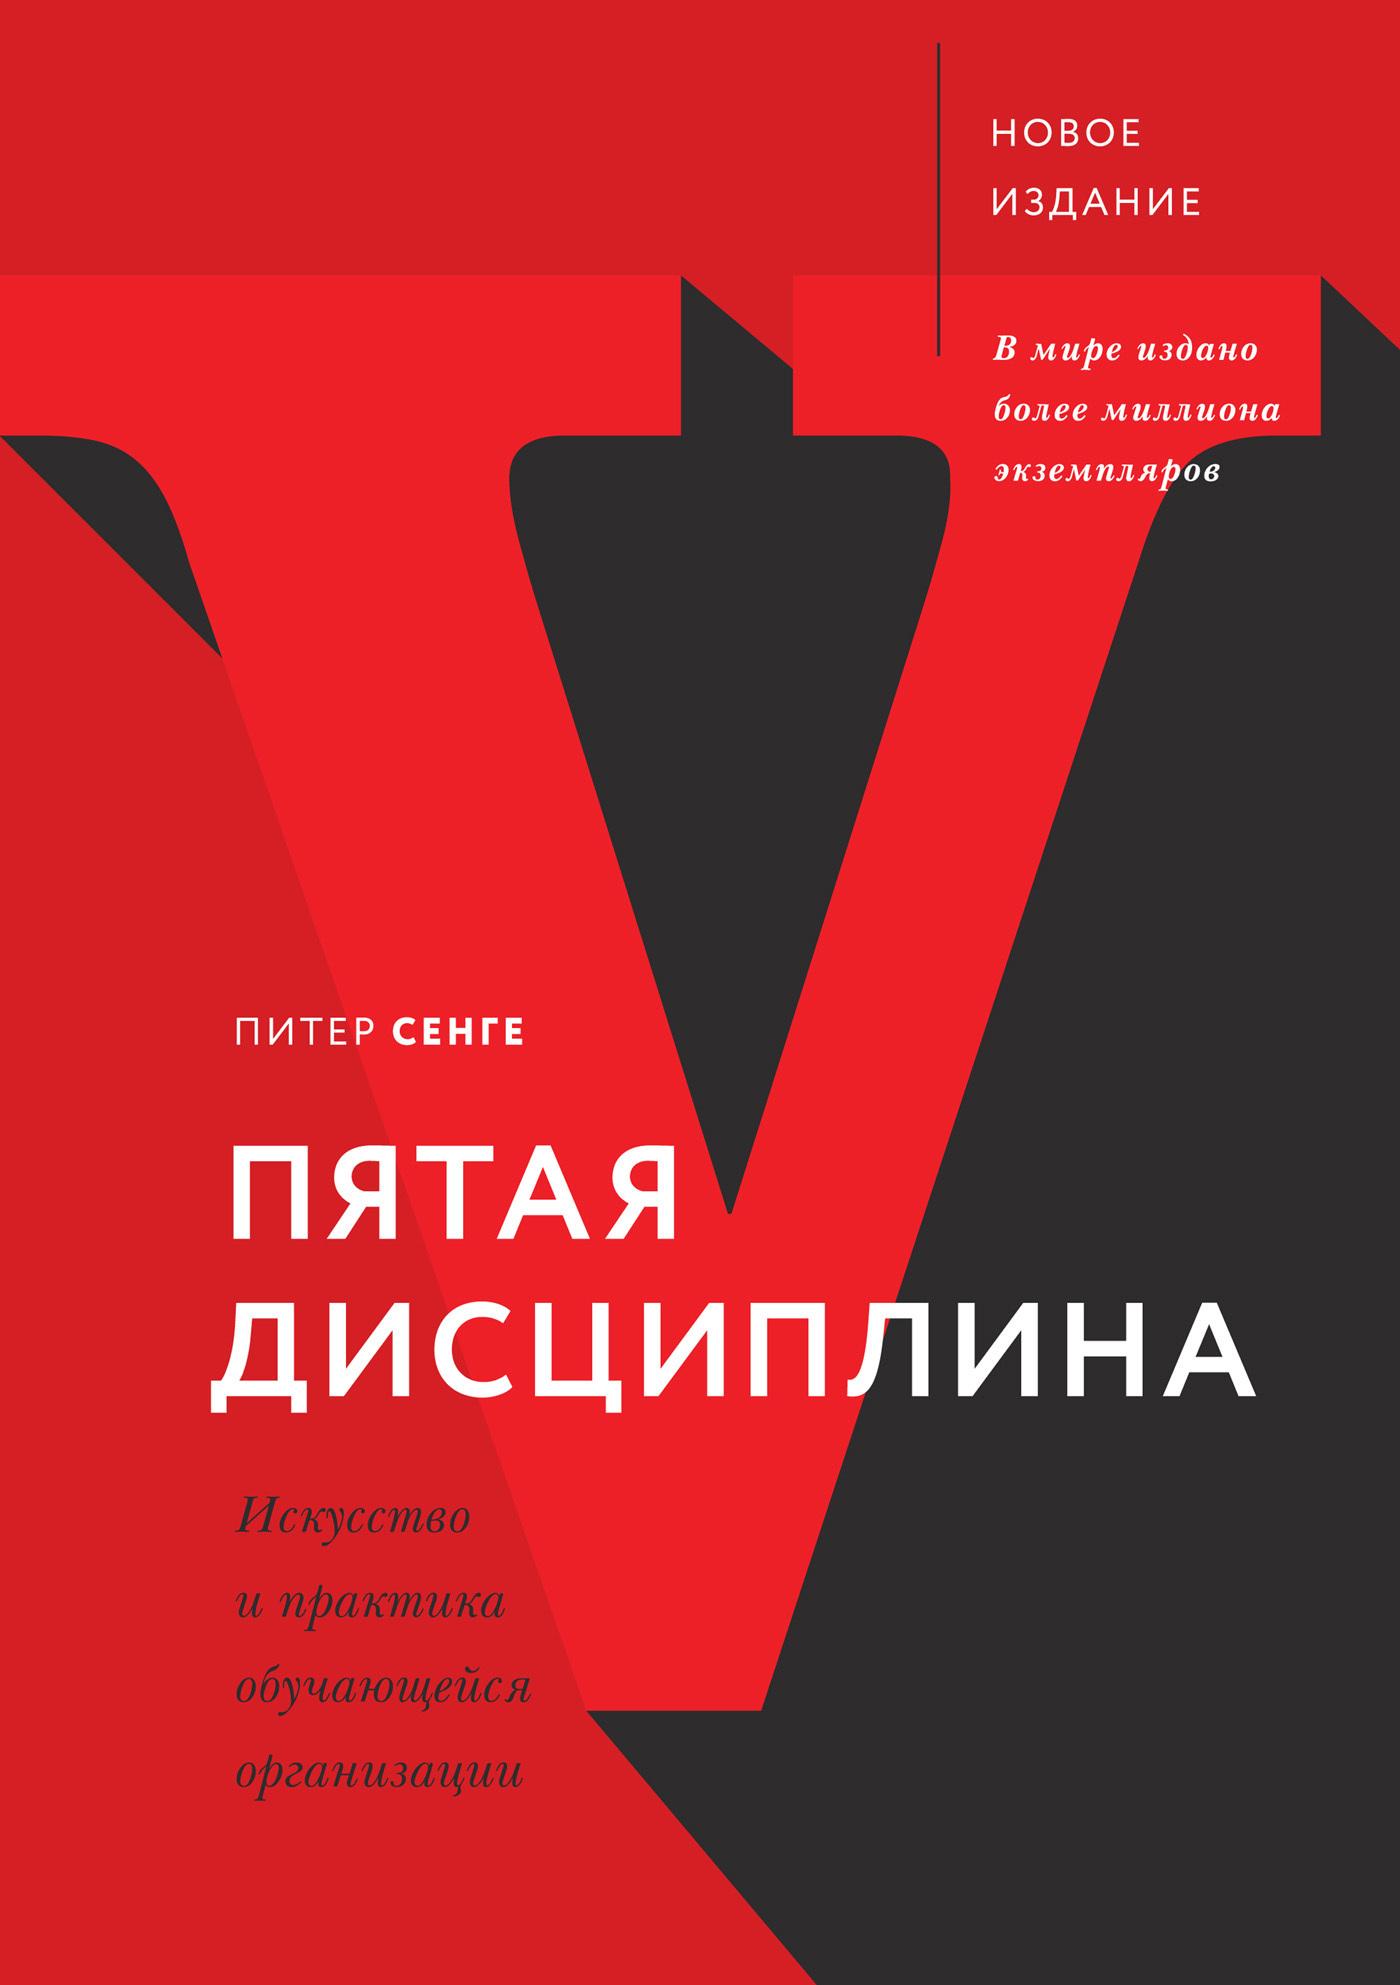 Обложка книги. Автор - Питер Сенге